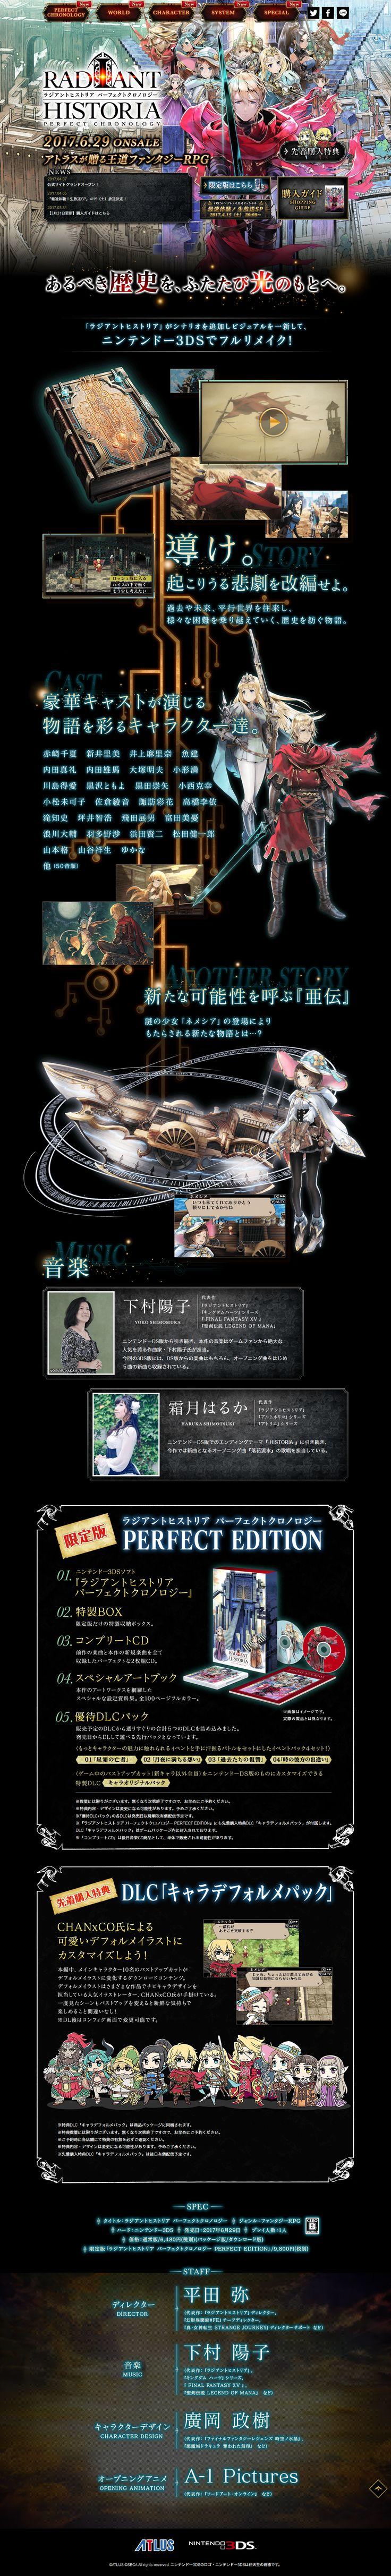 Radiant Historia : Perfect Chronology (Japanese) #webdesign